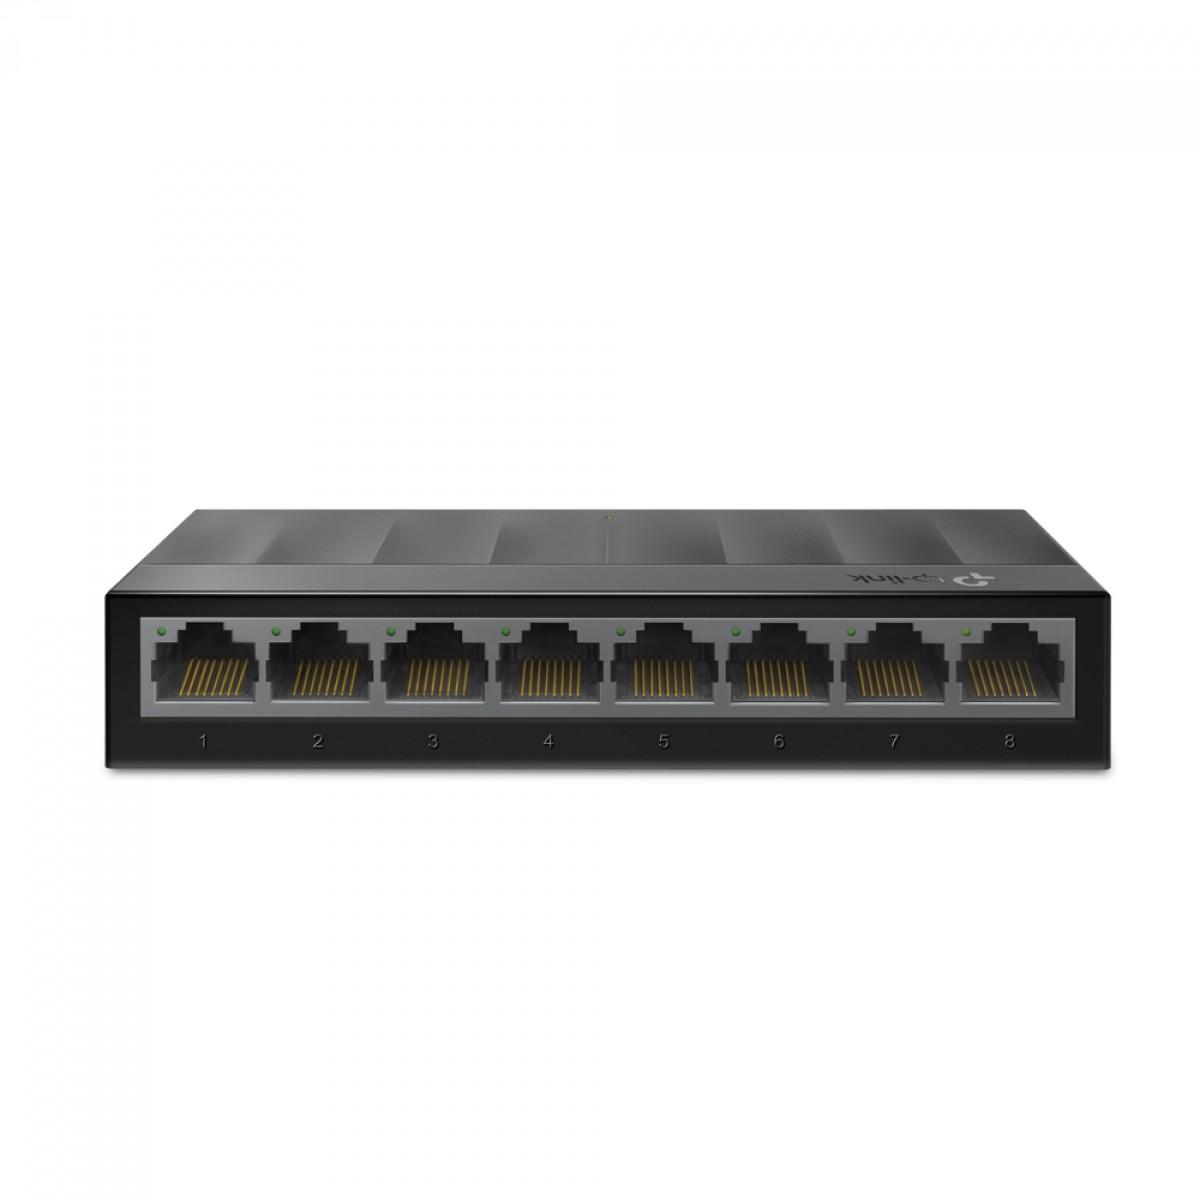 Switch TP-Link LS1008G 8 Portas 10/100/1000Mbps Fast Ethernet, Black